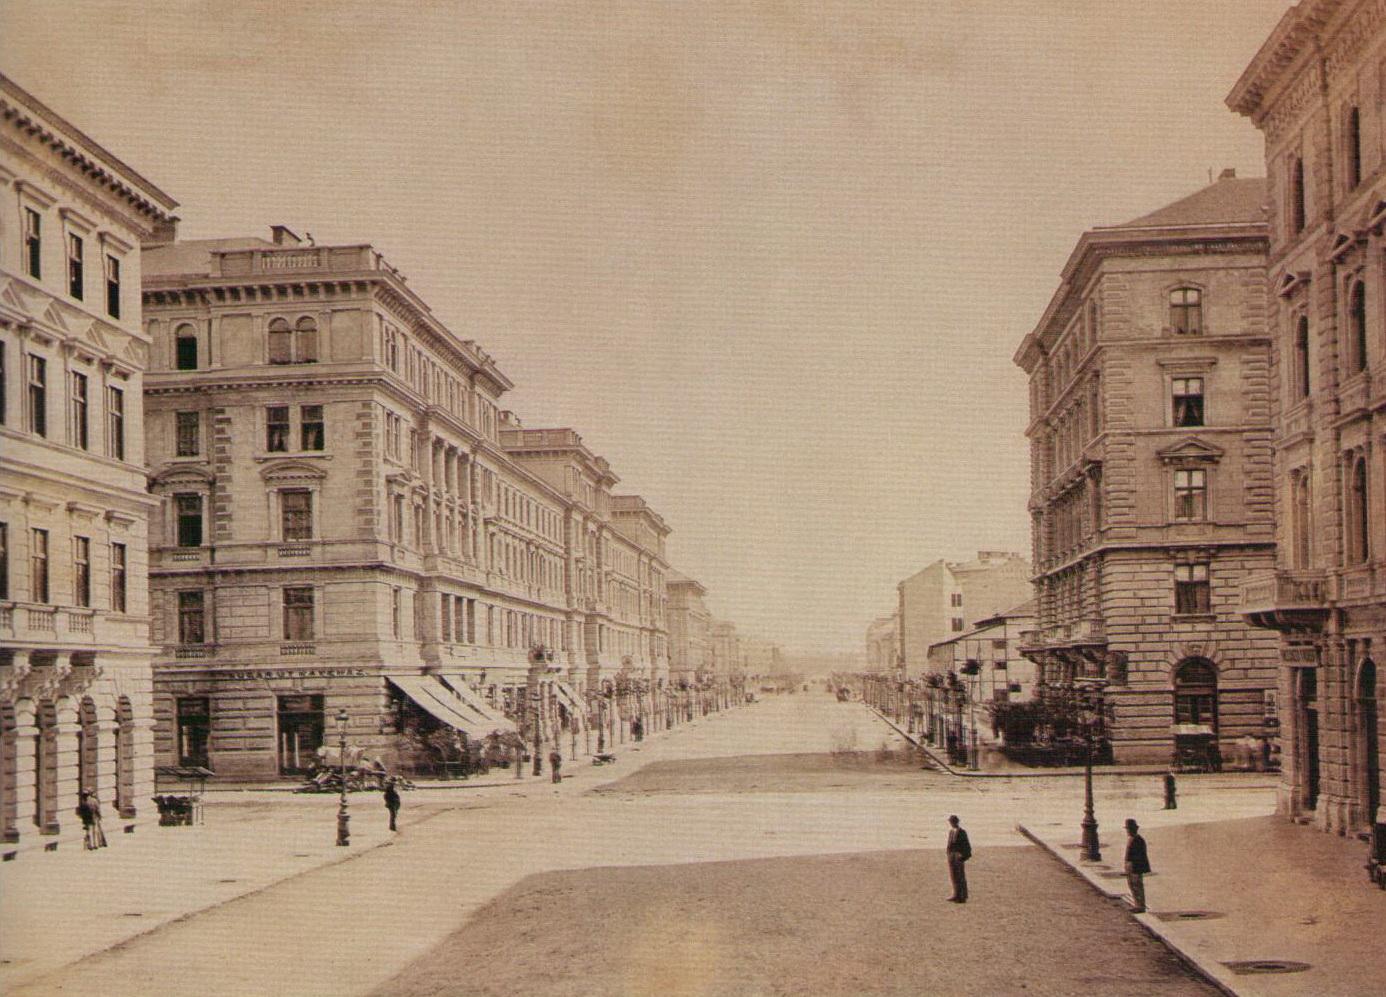 andrassyut-1877korul-kloszgyorgyfelvetele.jpg